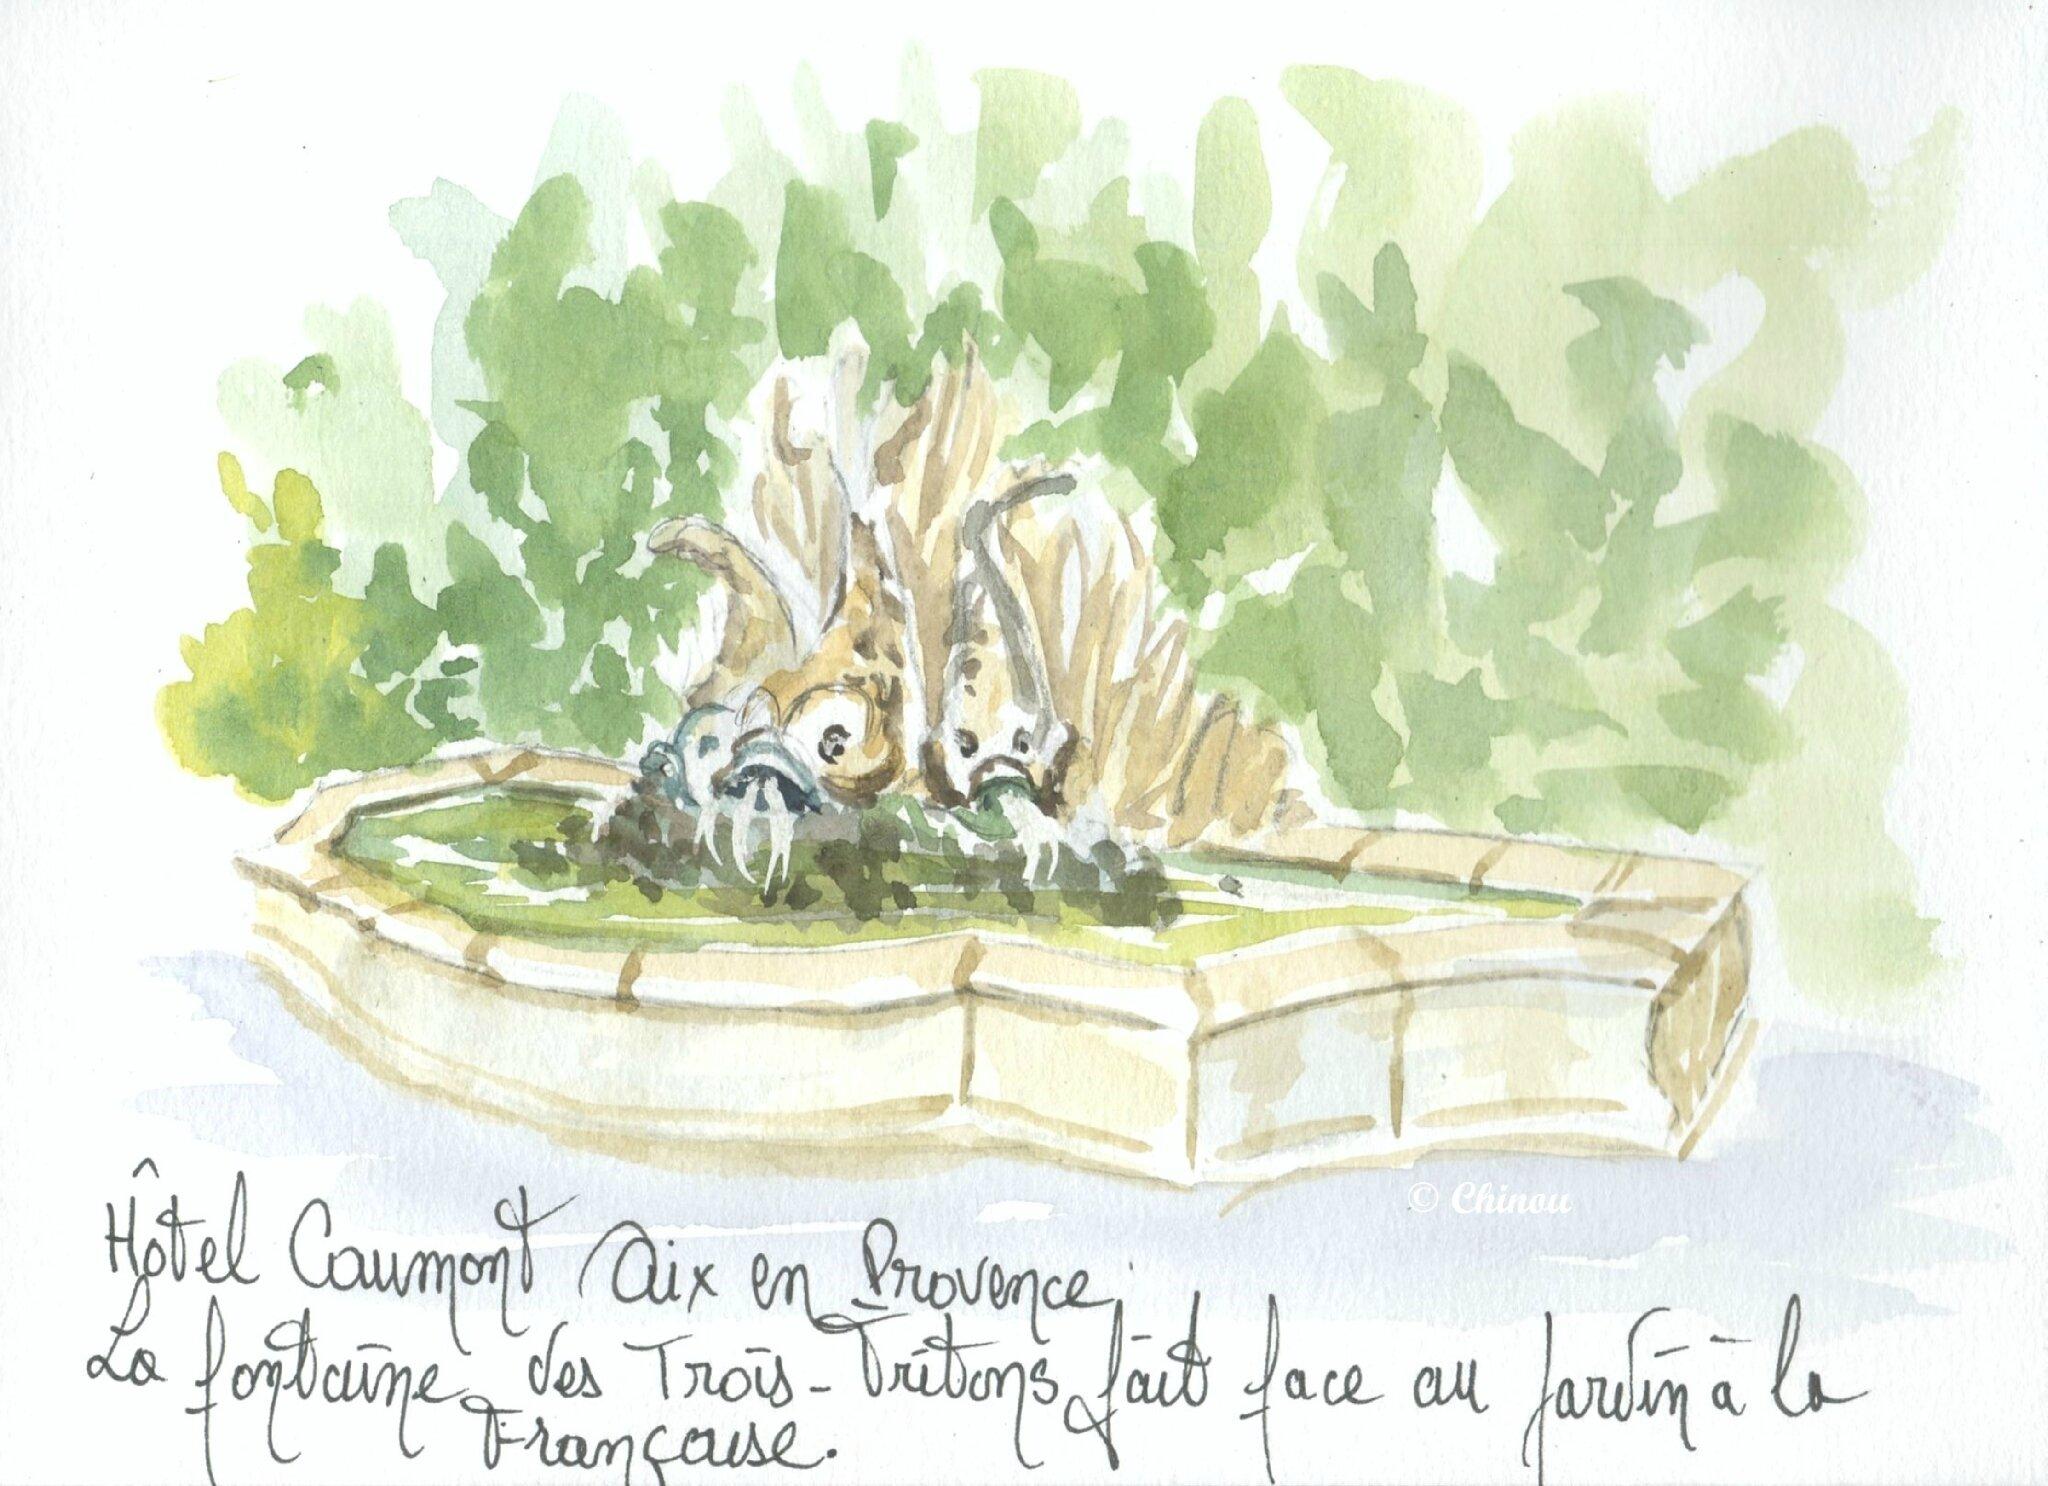 Fontaine des tritons hotel Caumont